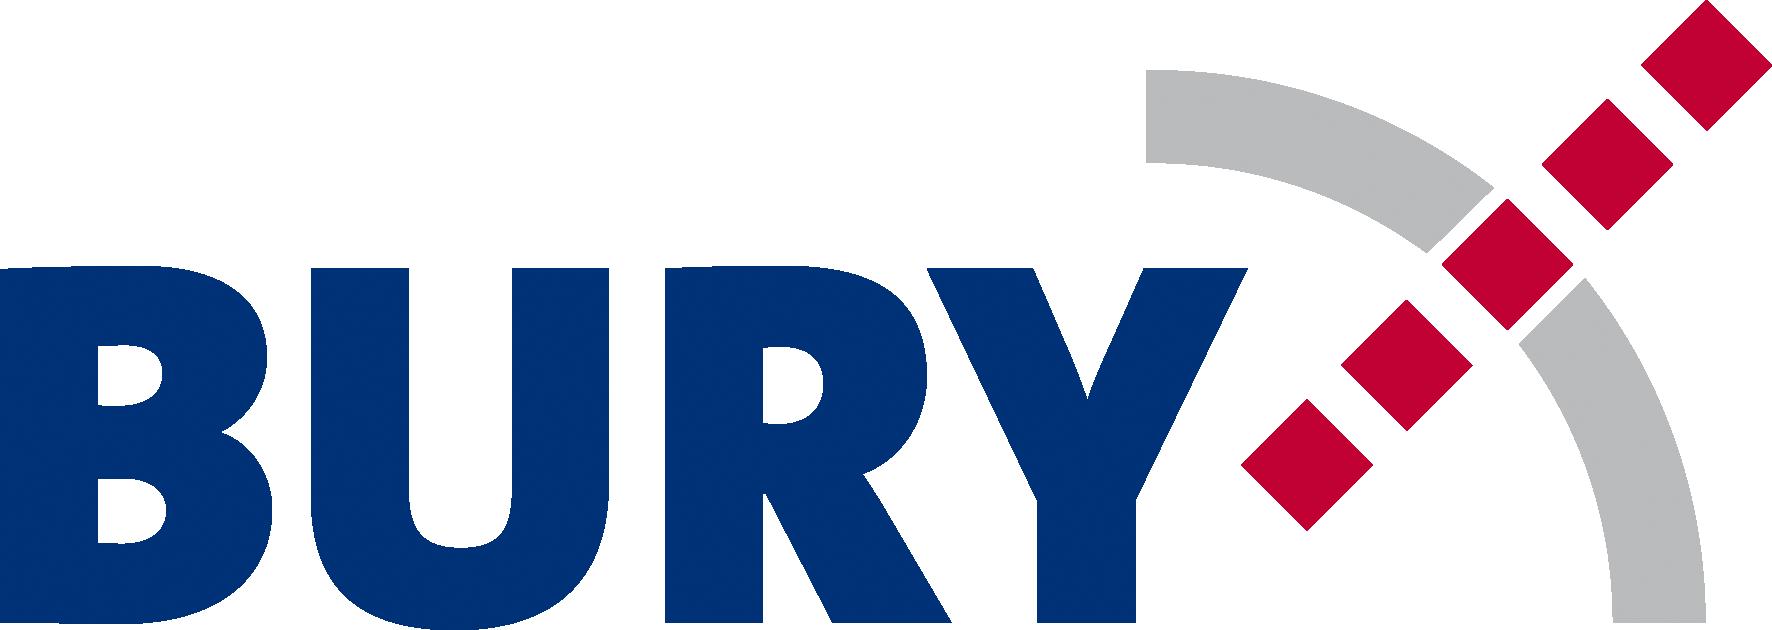 BURY GmbH